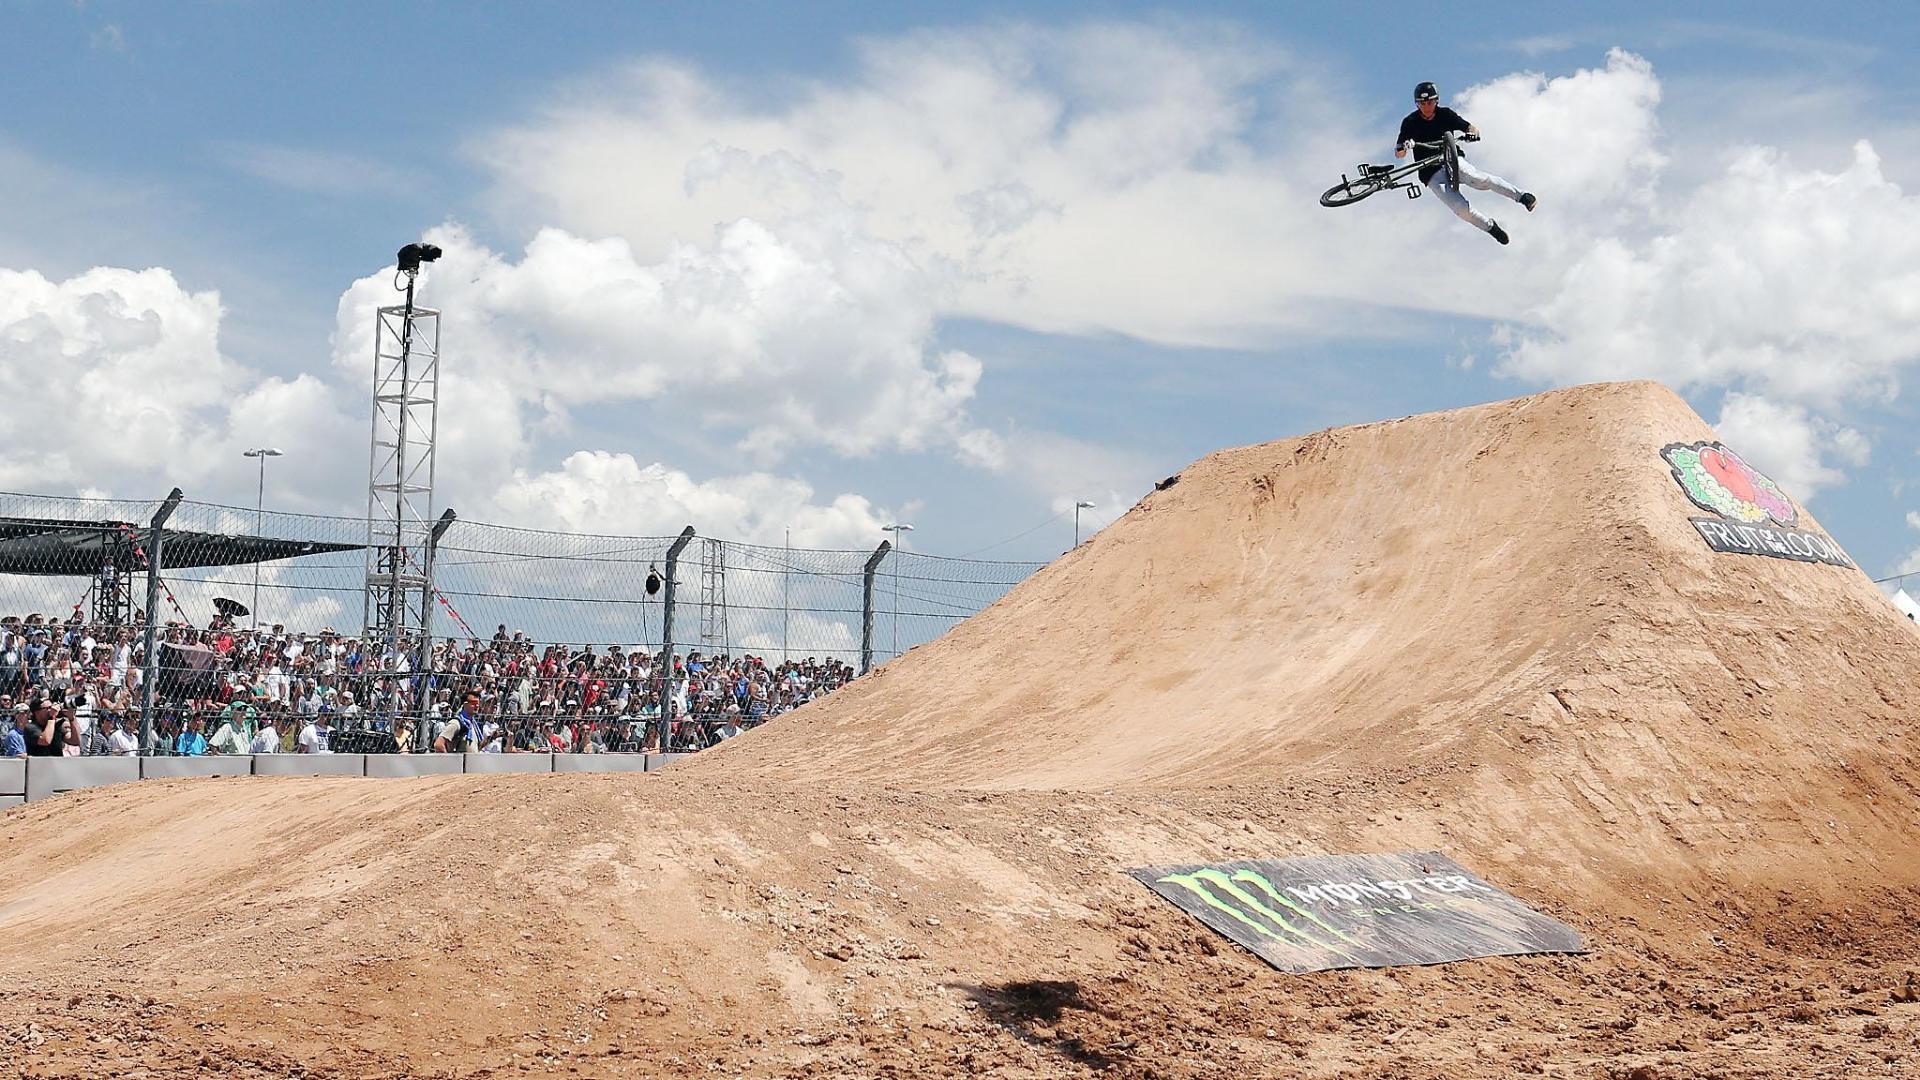 Ben Wallace wins X Games BMX Dirt silverX Games Bmx Dirt